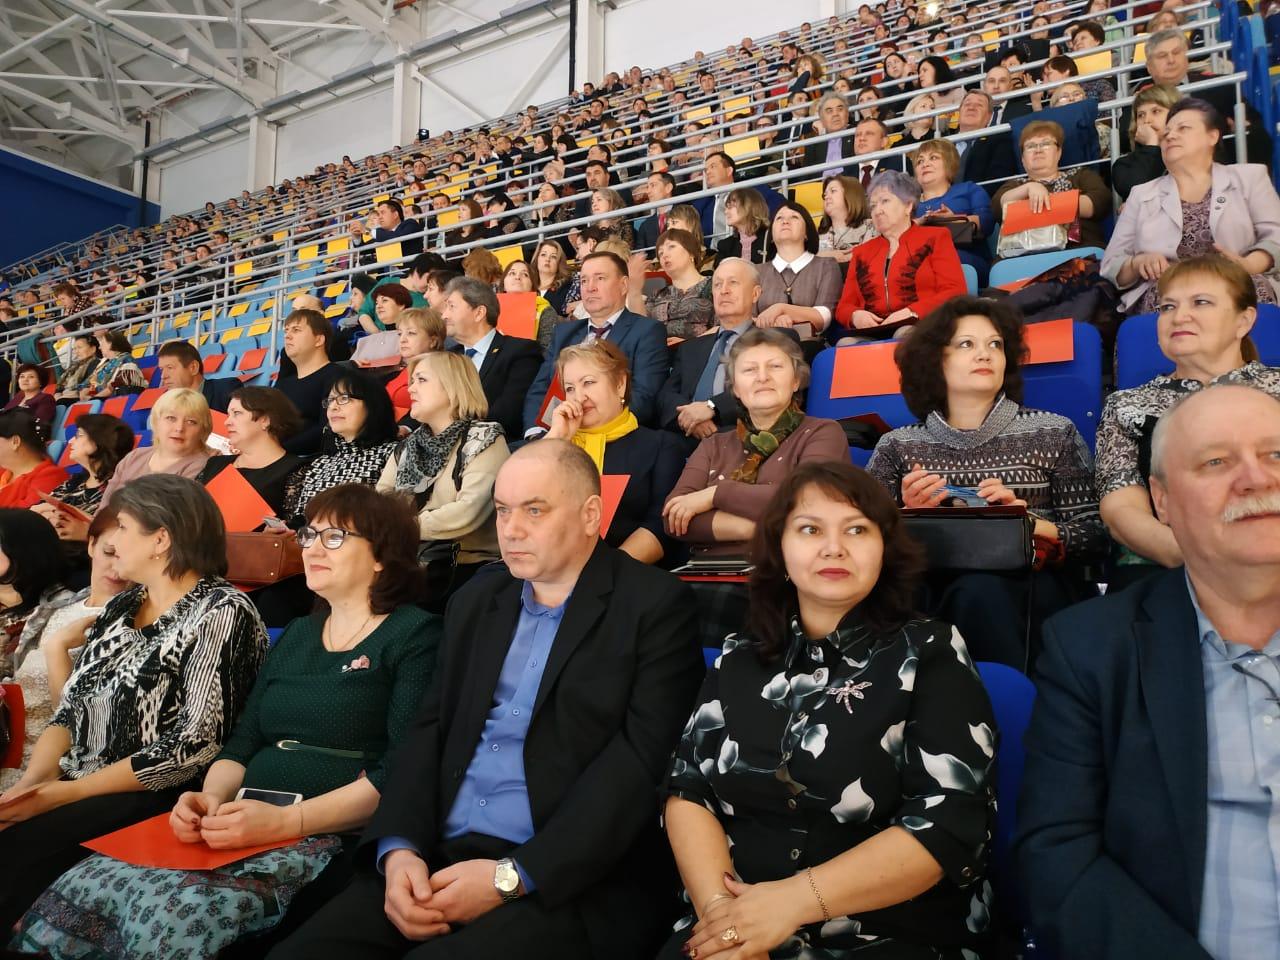 Жители Алатыря и Алатырского района стали участниками празднования 100-летия Чувашской автономии в Чебоксарах 1